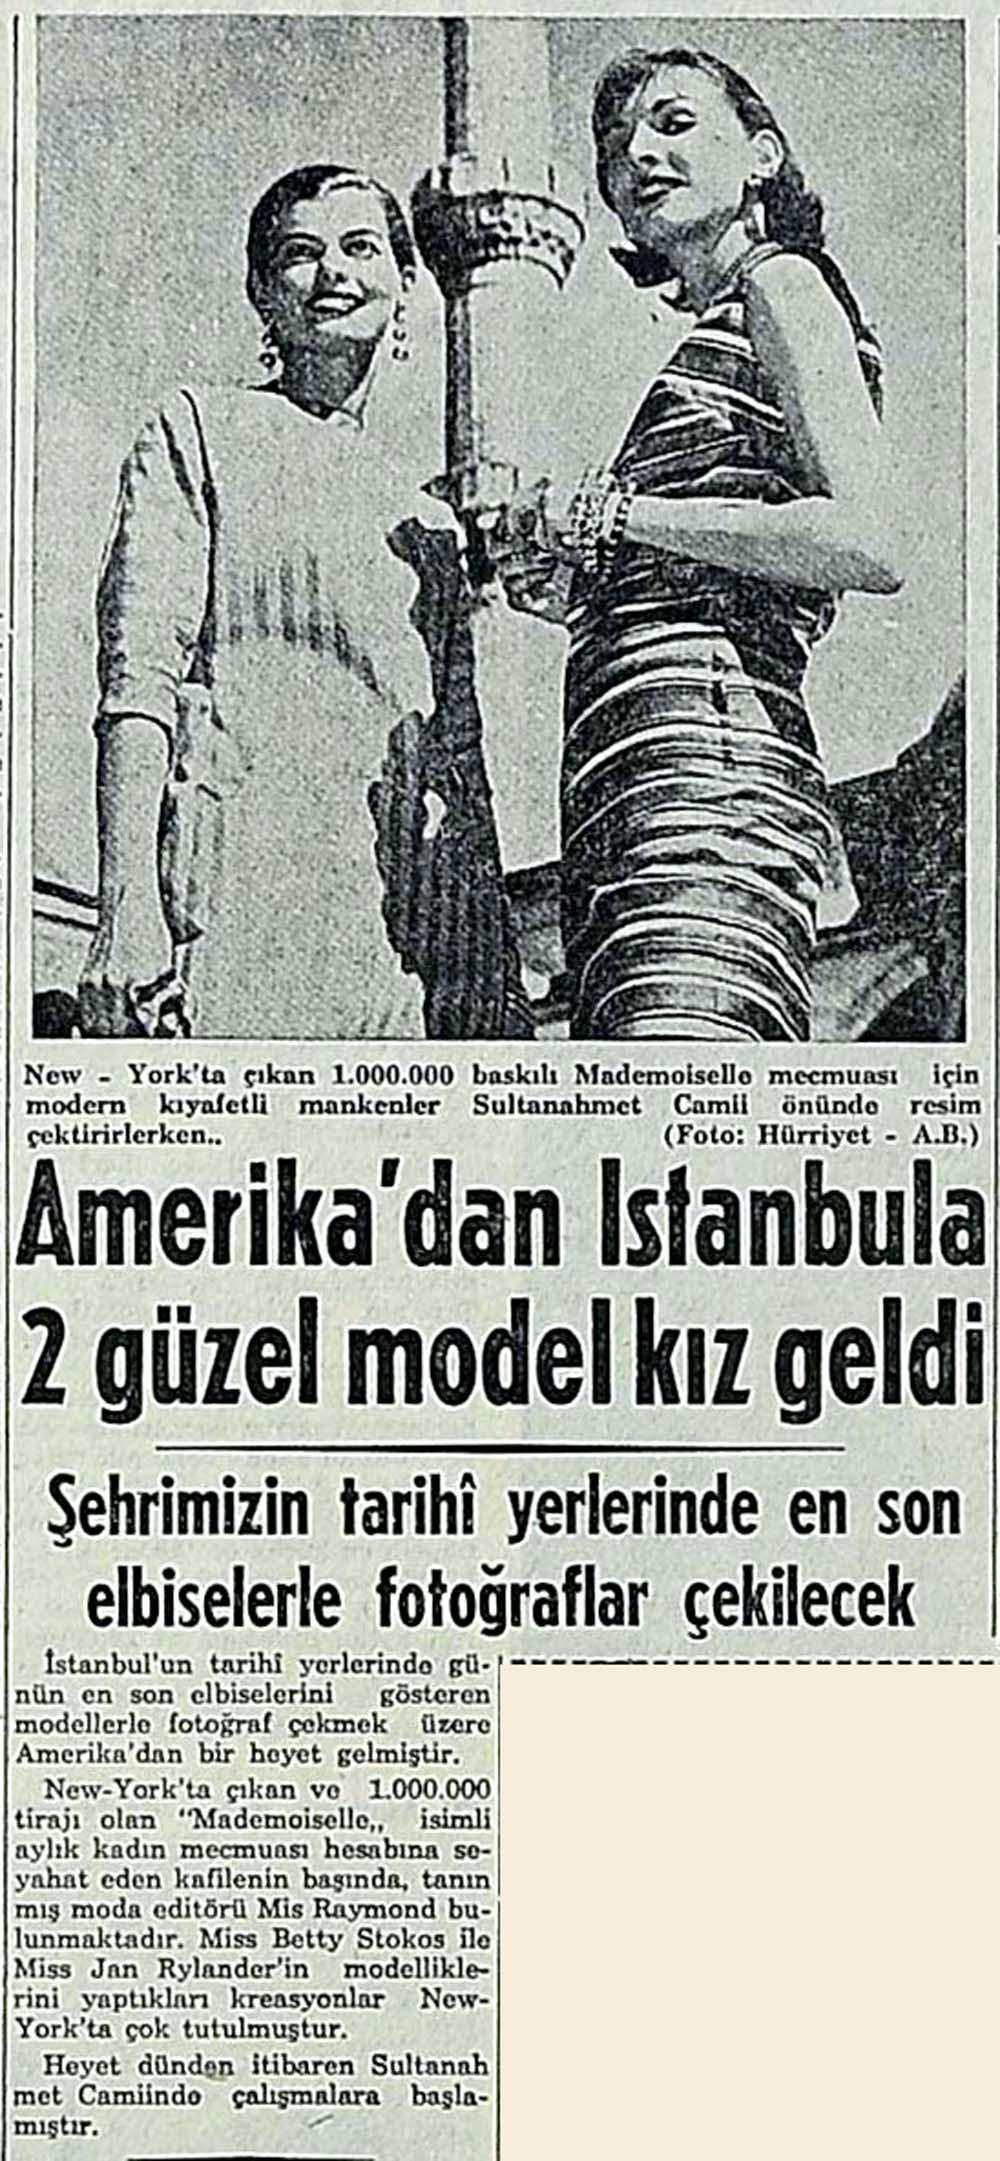 Amerika'dan İstanbula 2 güzel model kız geldi